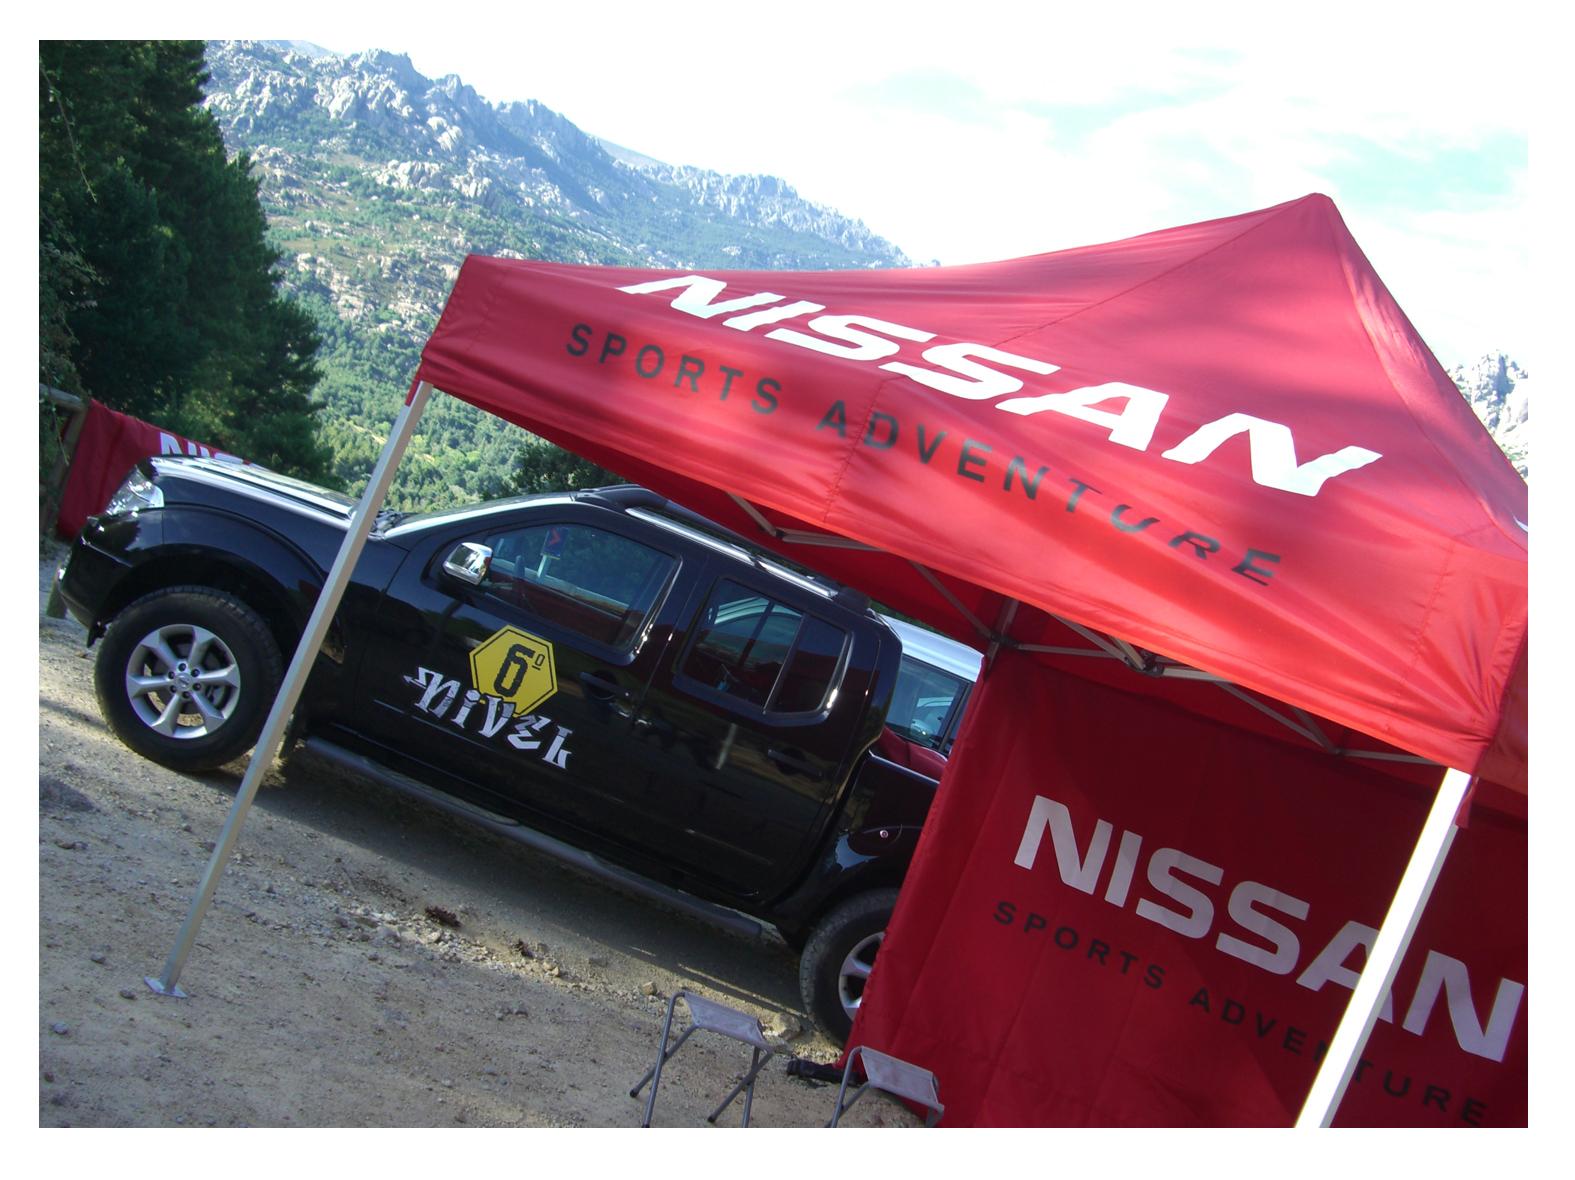 Carpa Lite Pro 3×3 Nissan